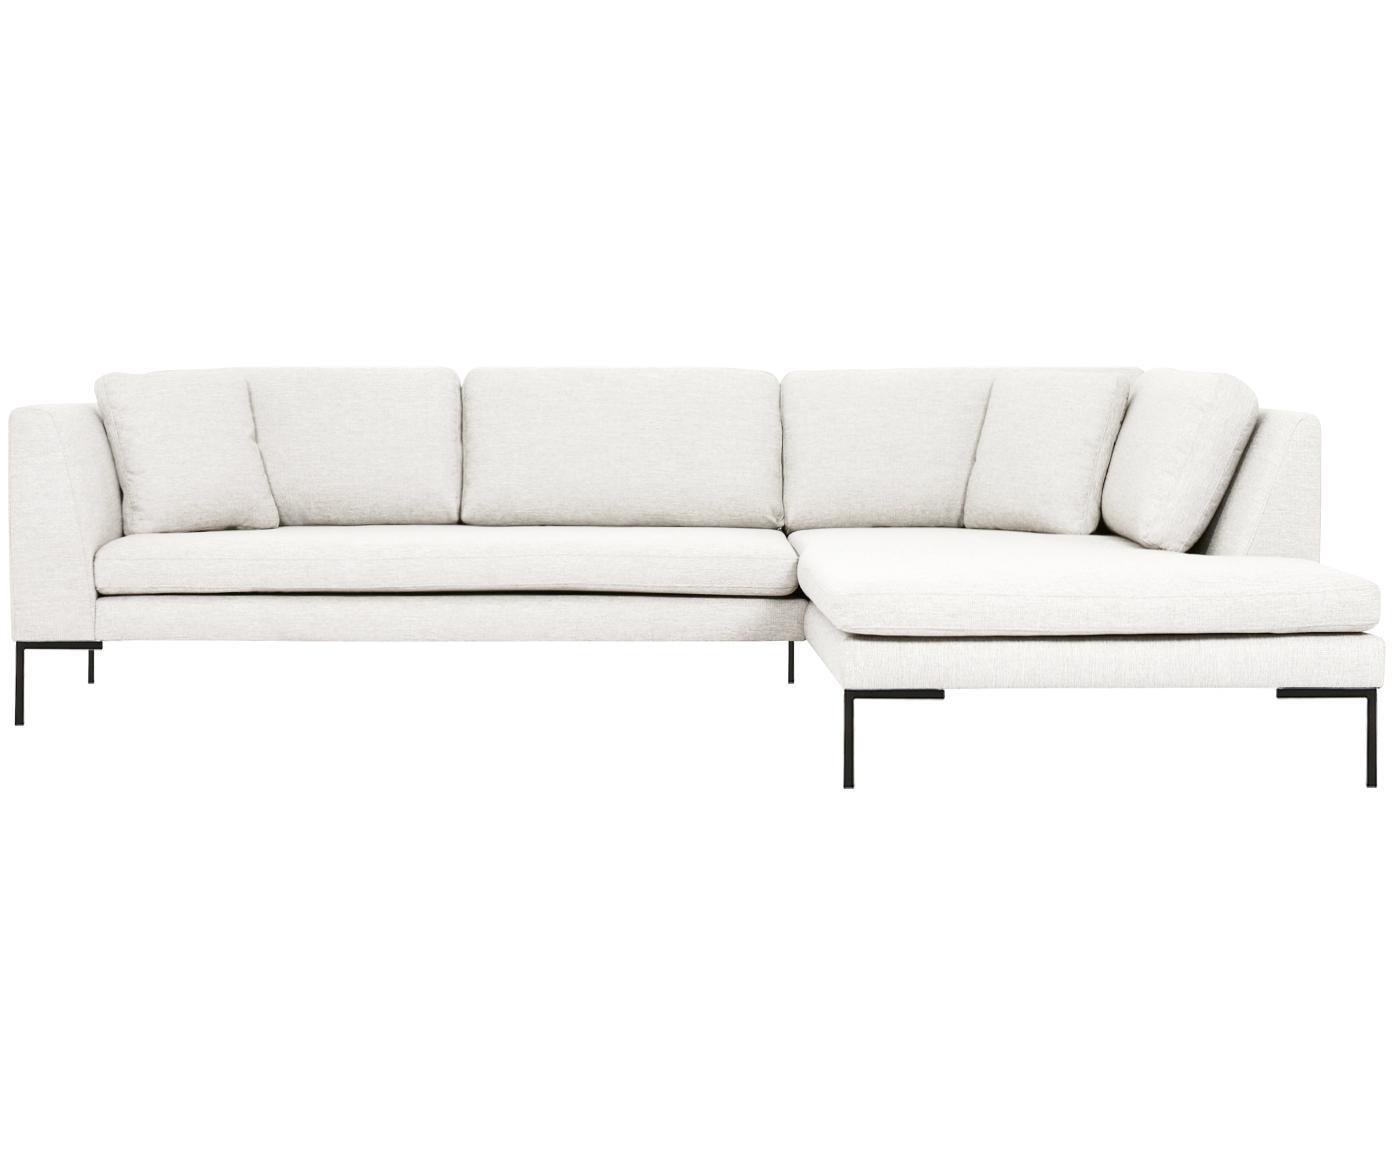 Hoekbank Emma, Bekleding: polyester, Frame: massief grenenhout, Poten: gepoedercoat metaal, Crèmekleurig, B 302 x D 220 cm